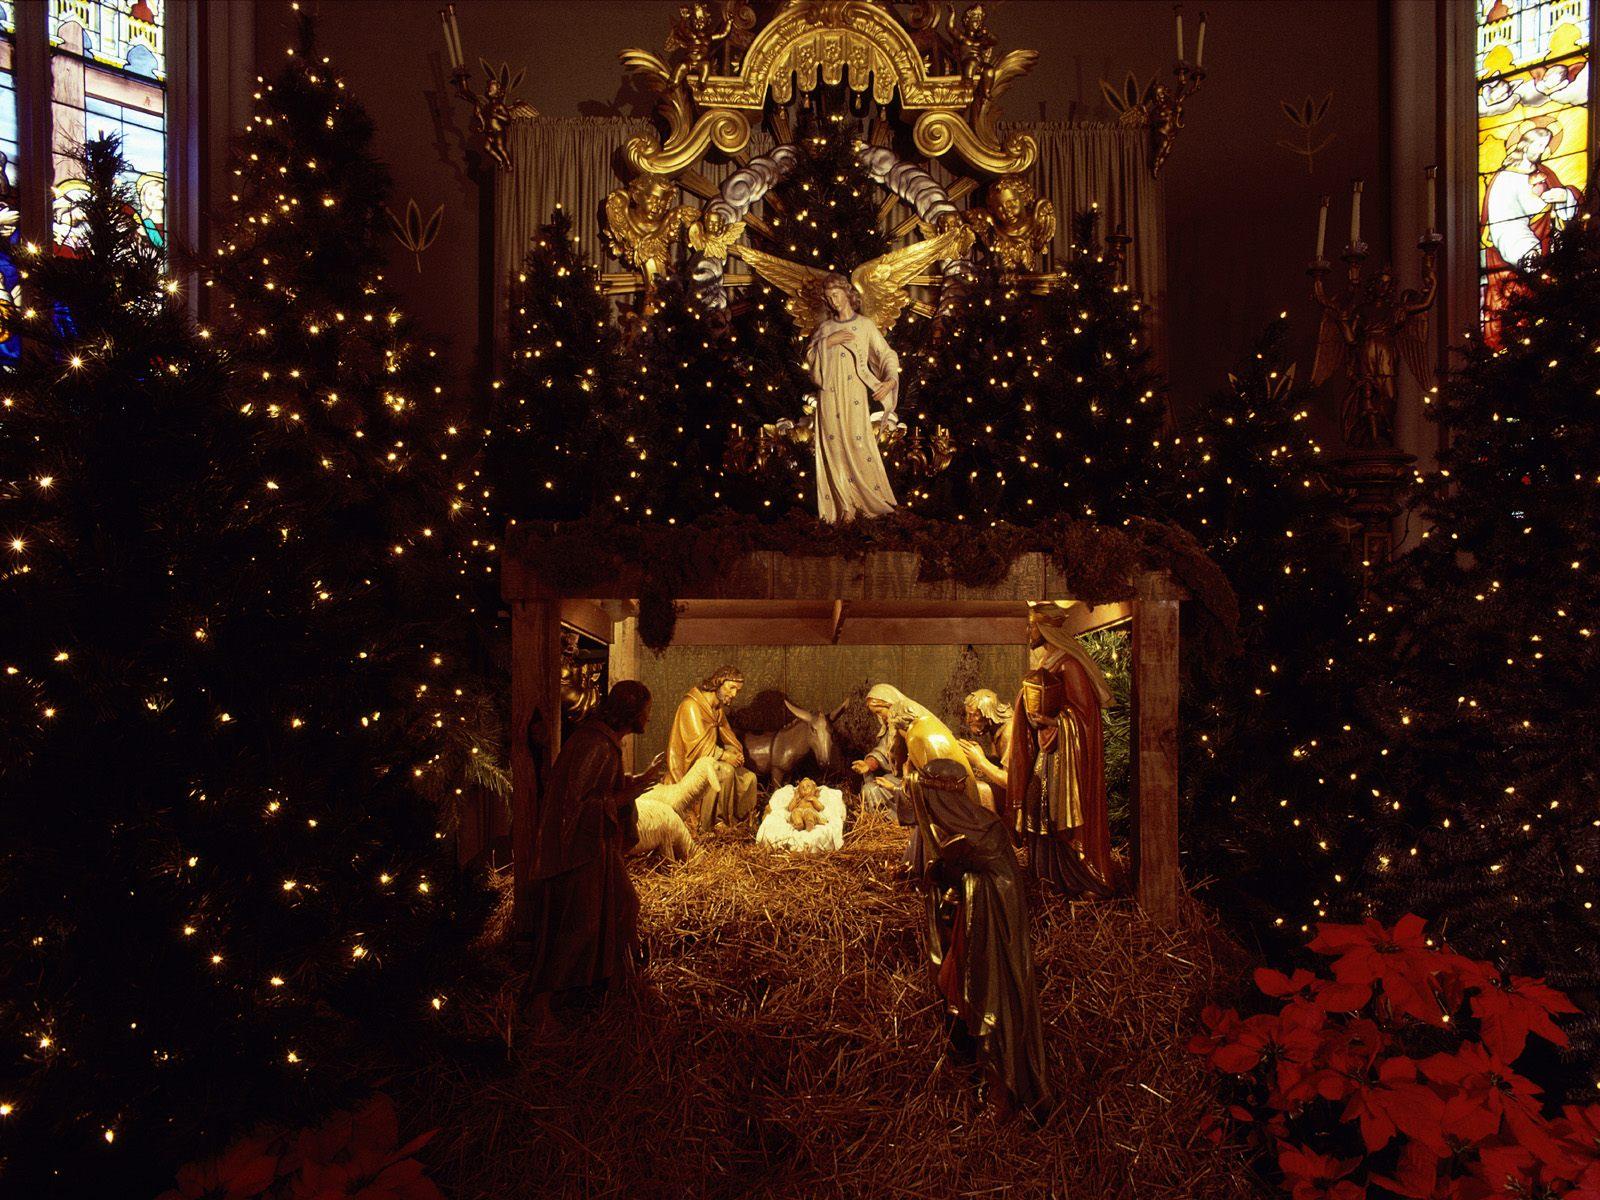 Веры надежды, картинки на праздник рождество